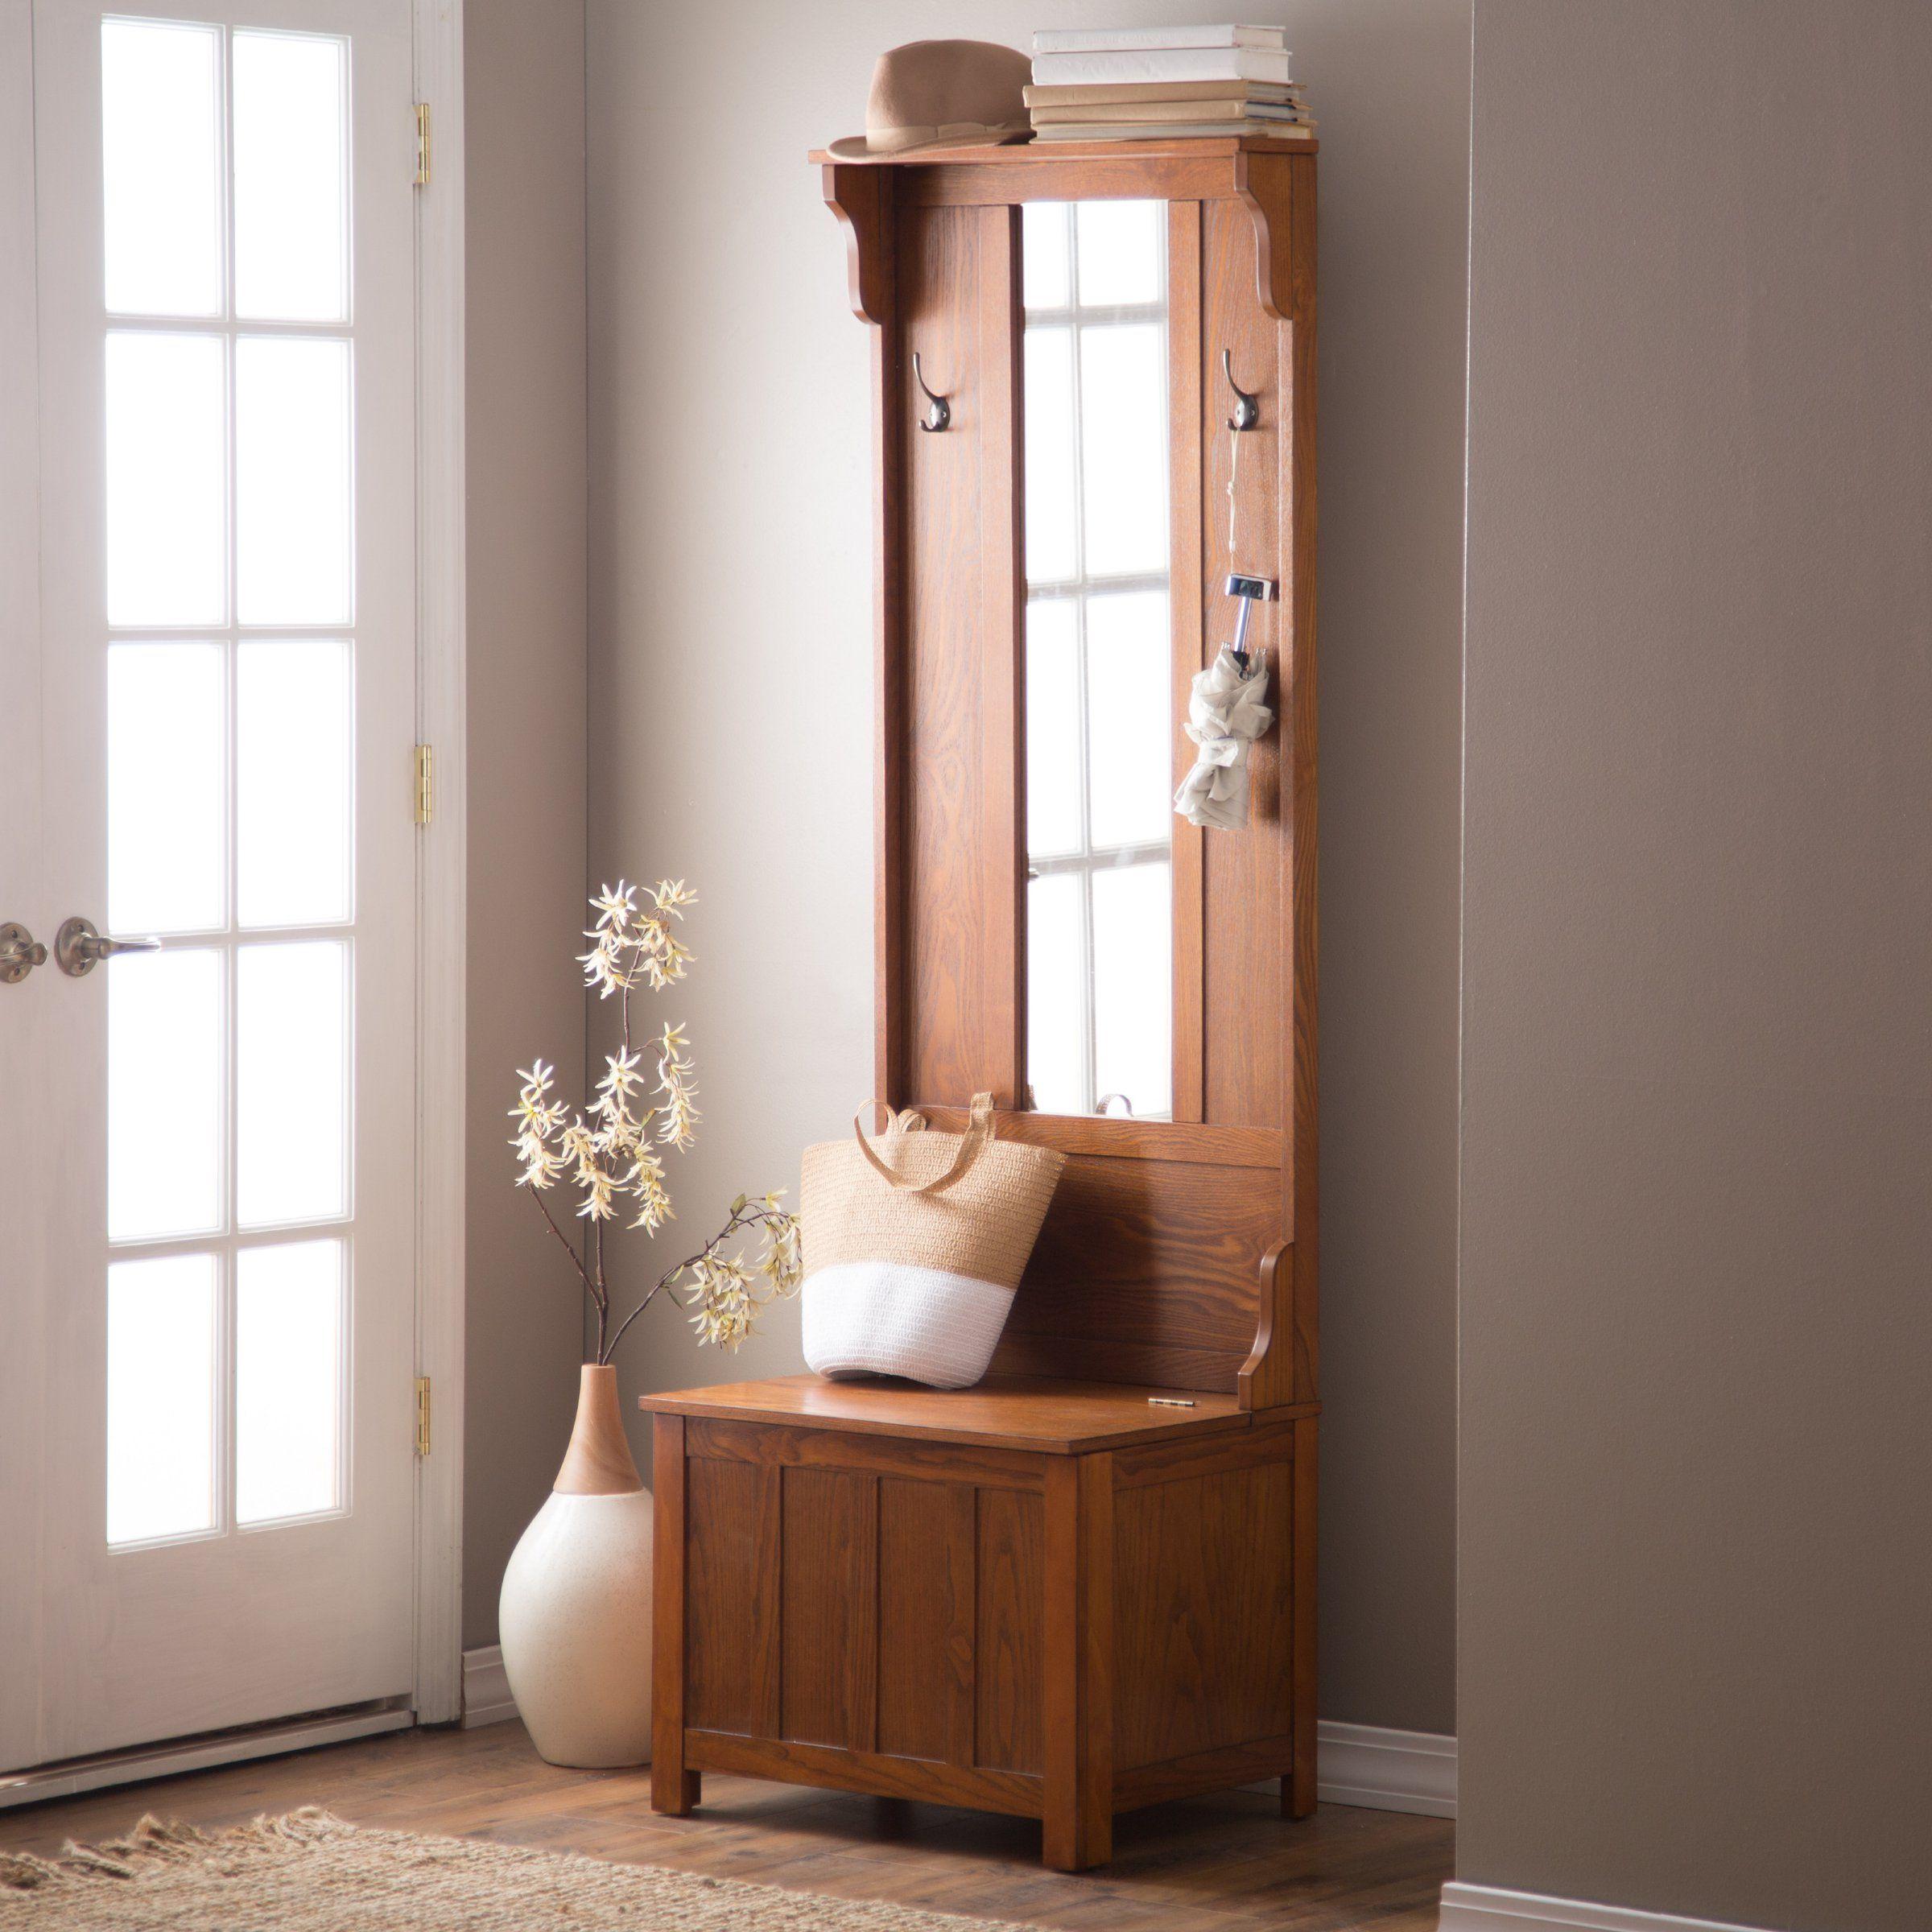 Small hallway furniture  Belham Living Carlisle Mini Mission Hall Tree  Hall Trees at